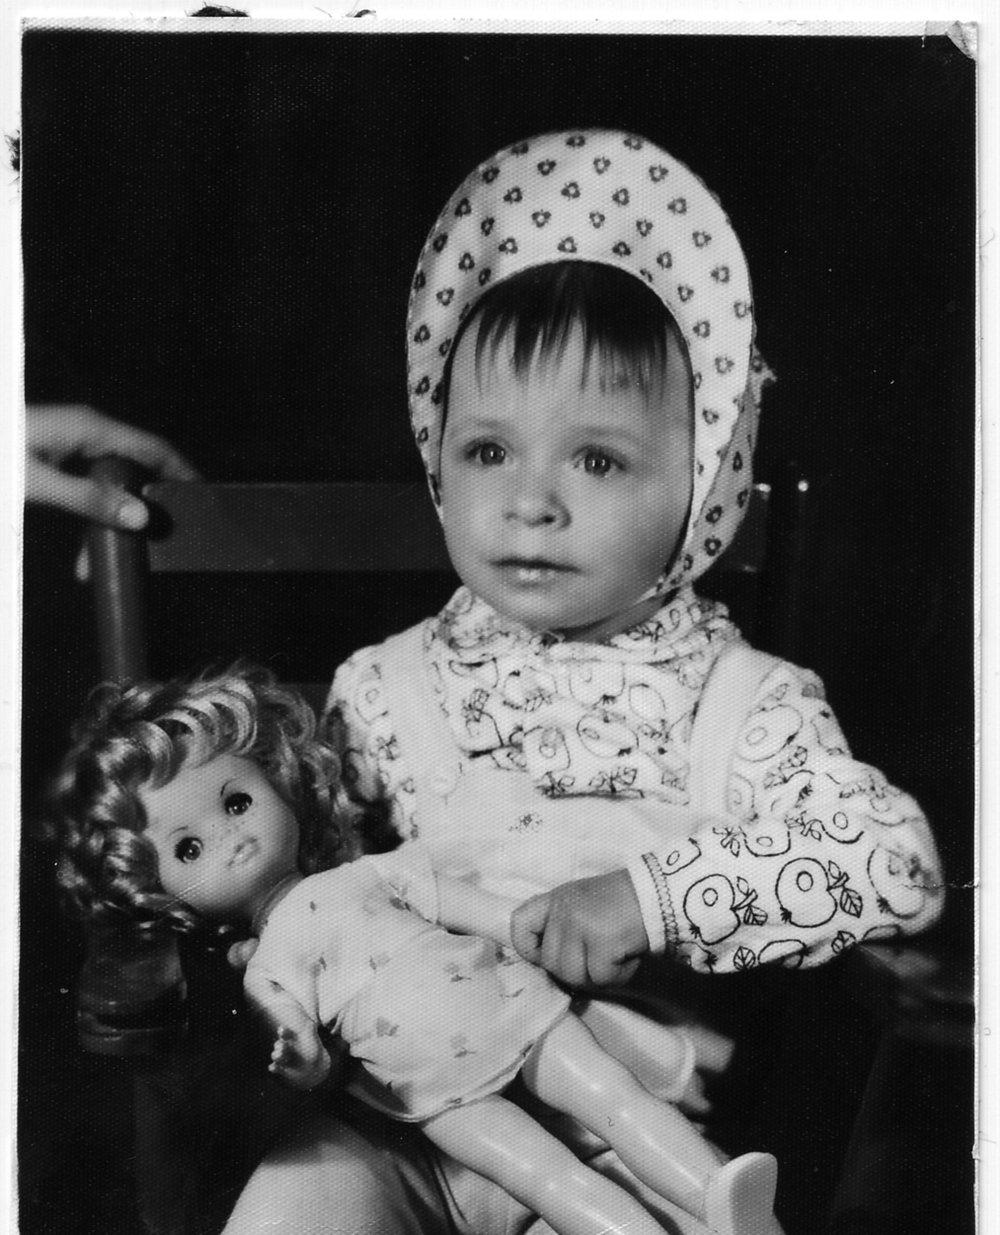 Marzena Sowa (Left) and Berenika Kotomycka (right) as kids